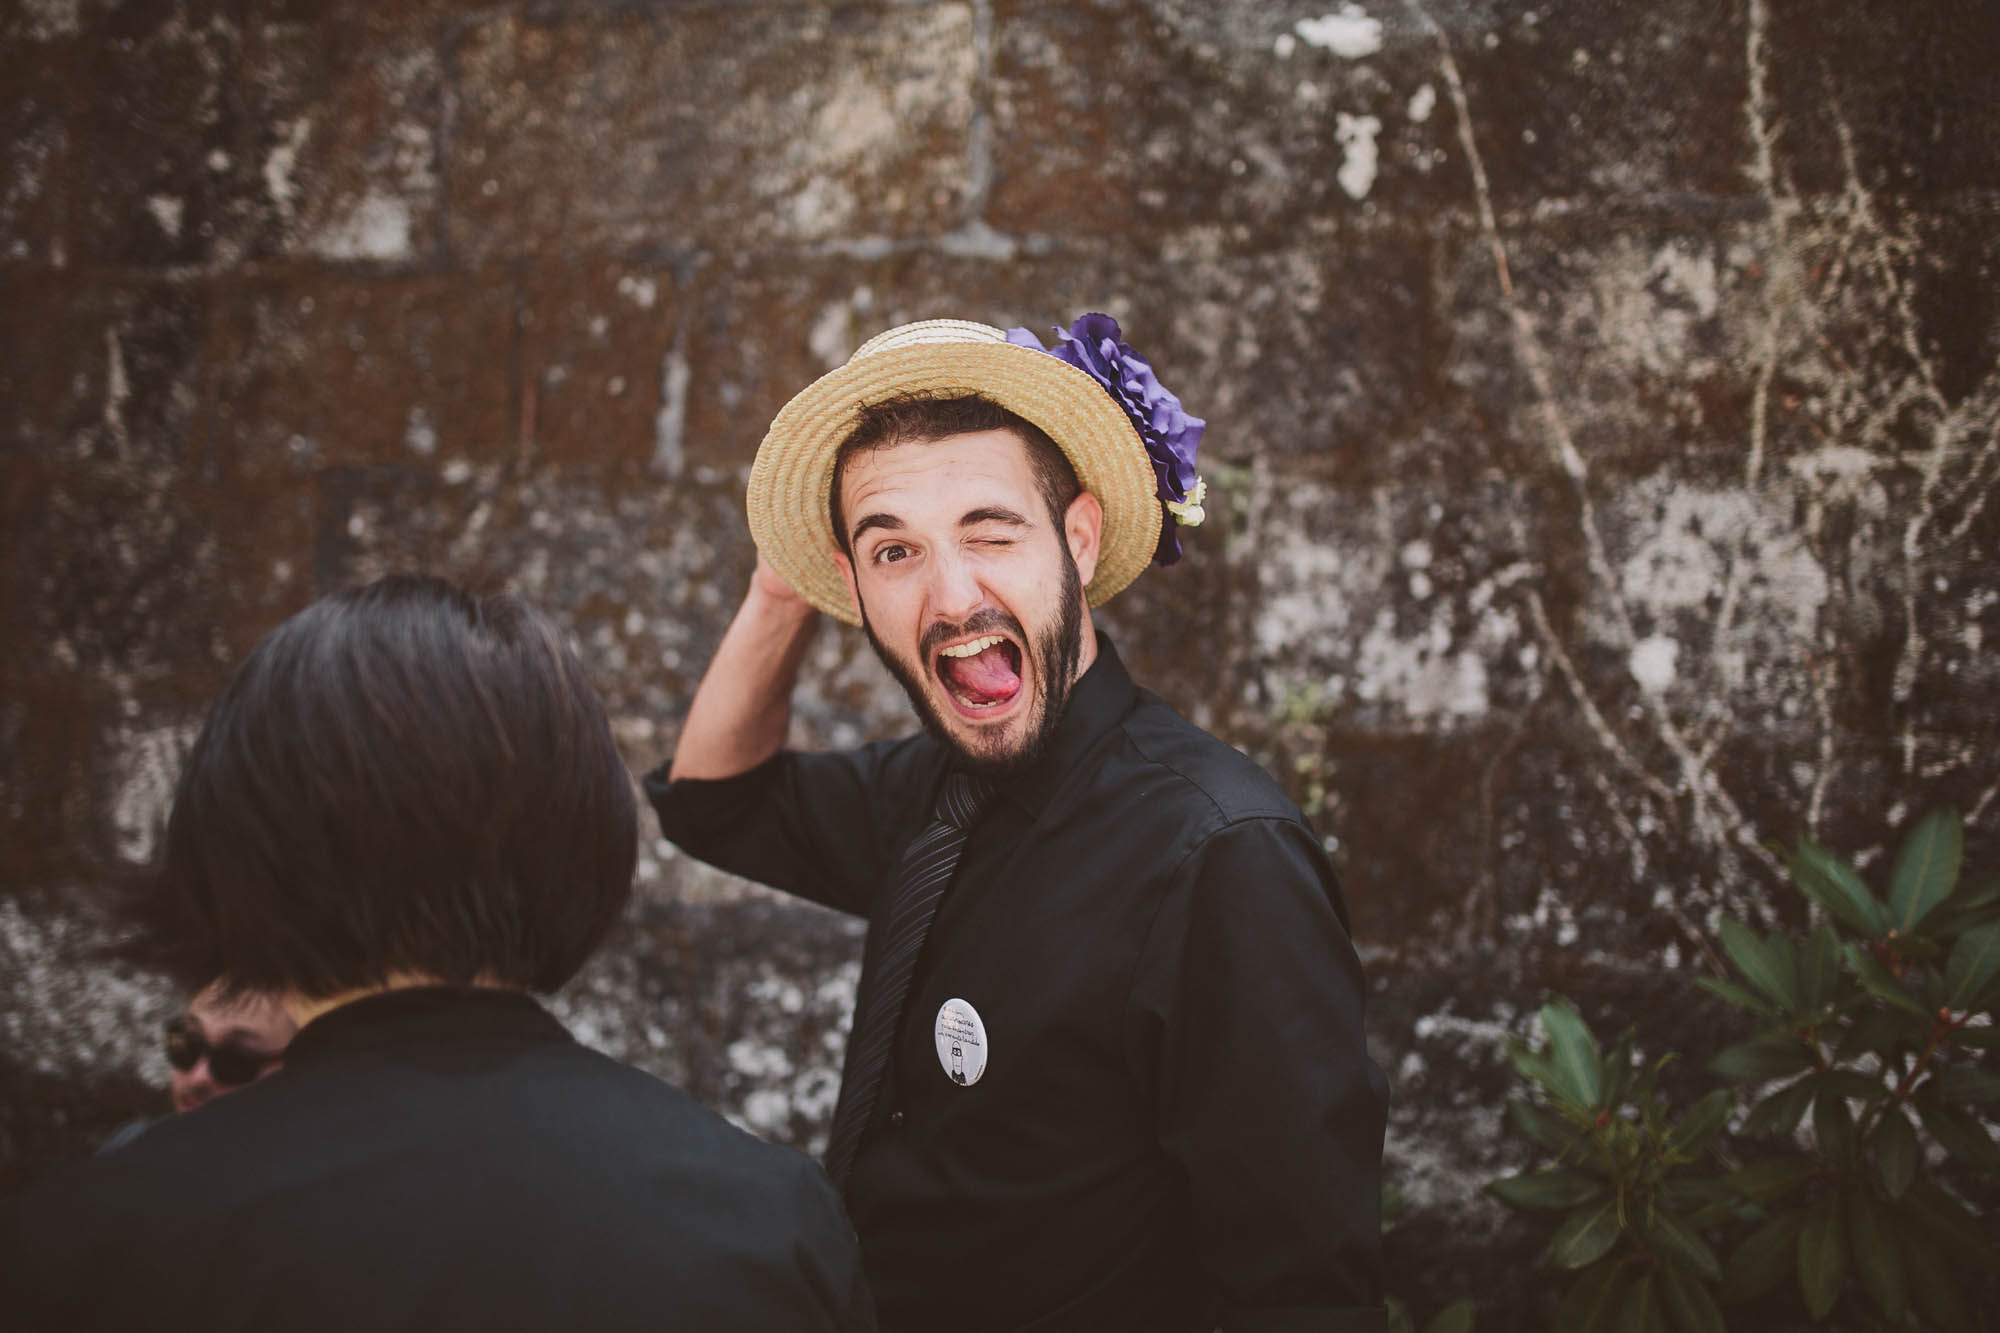 Un invitado saca la lengua a la cámara